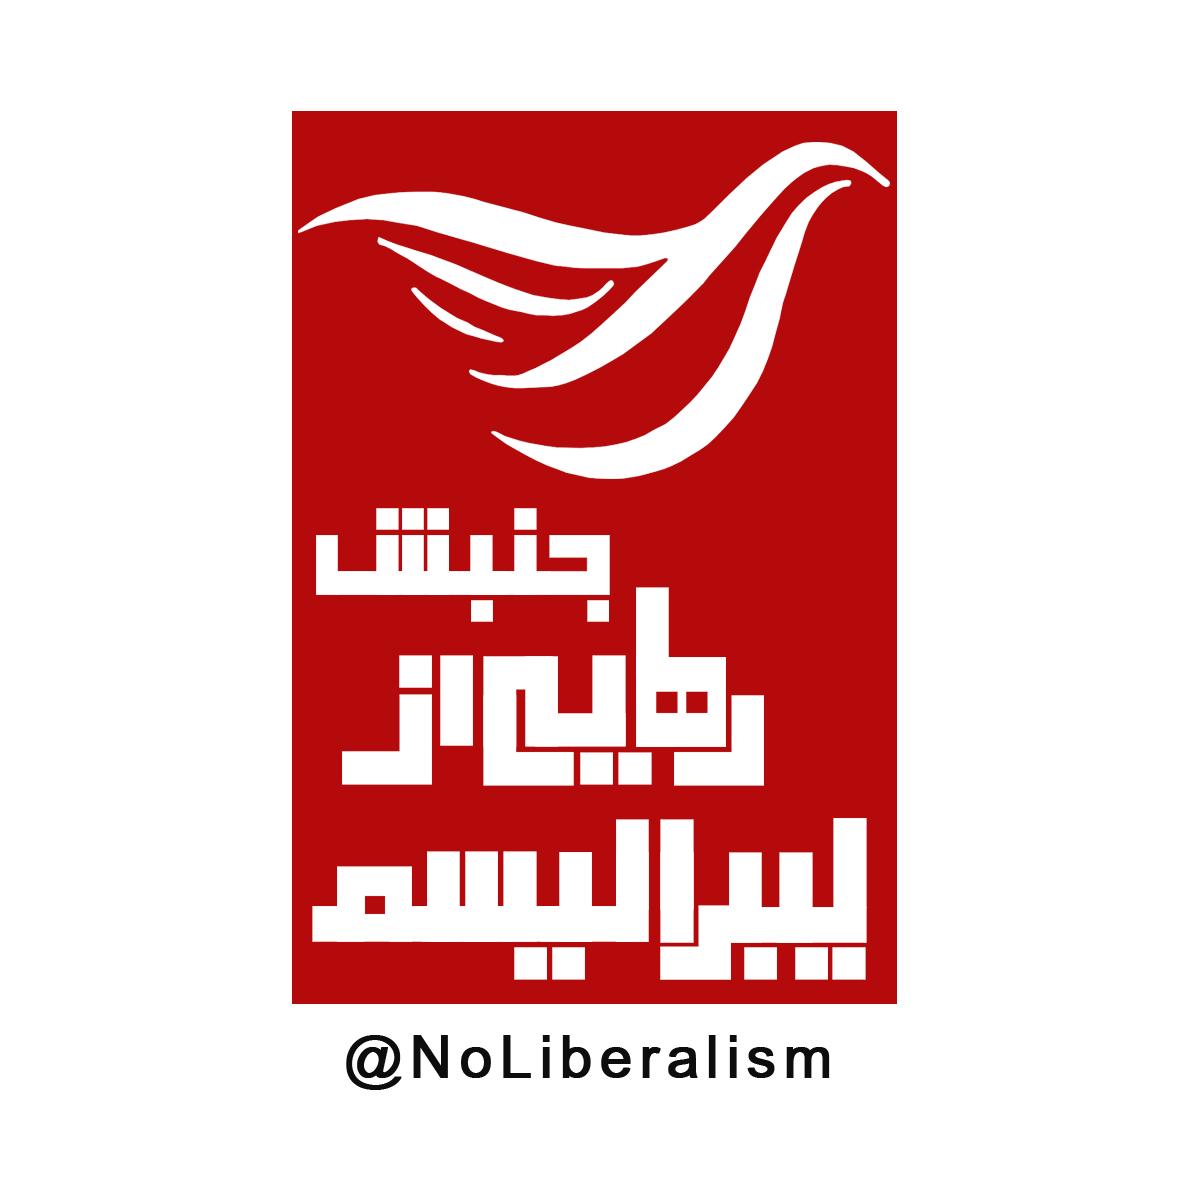 جنبش مردمی رهایی از لیبرالیسم